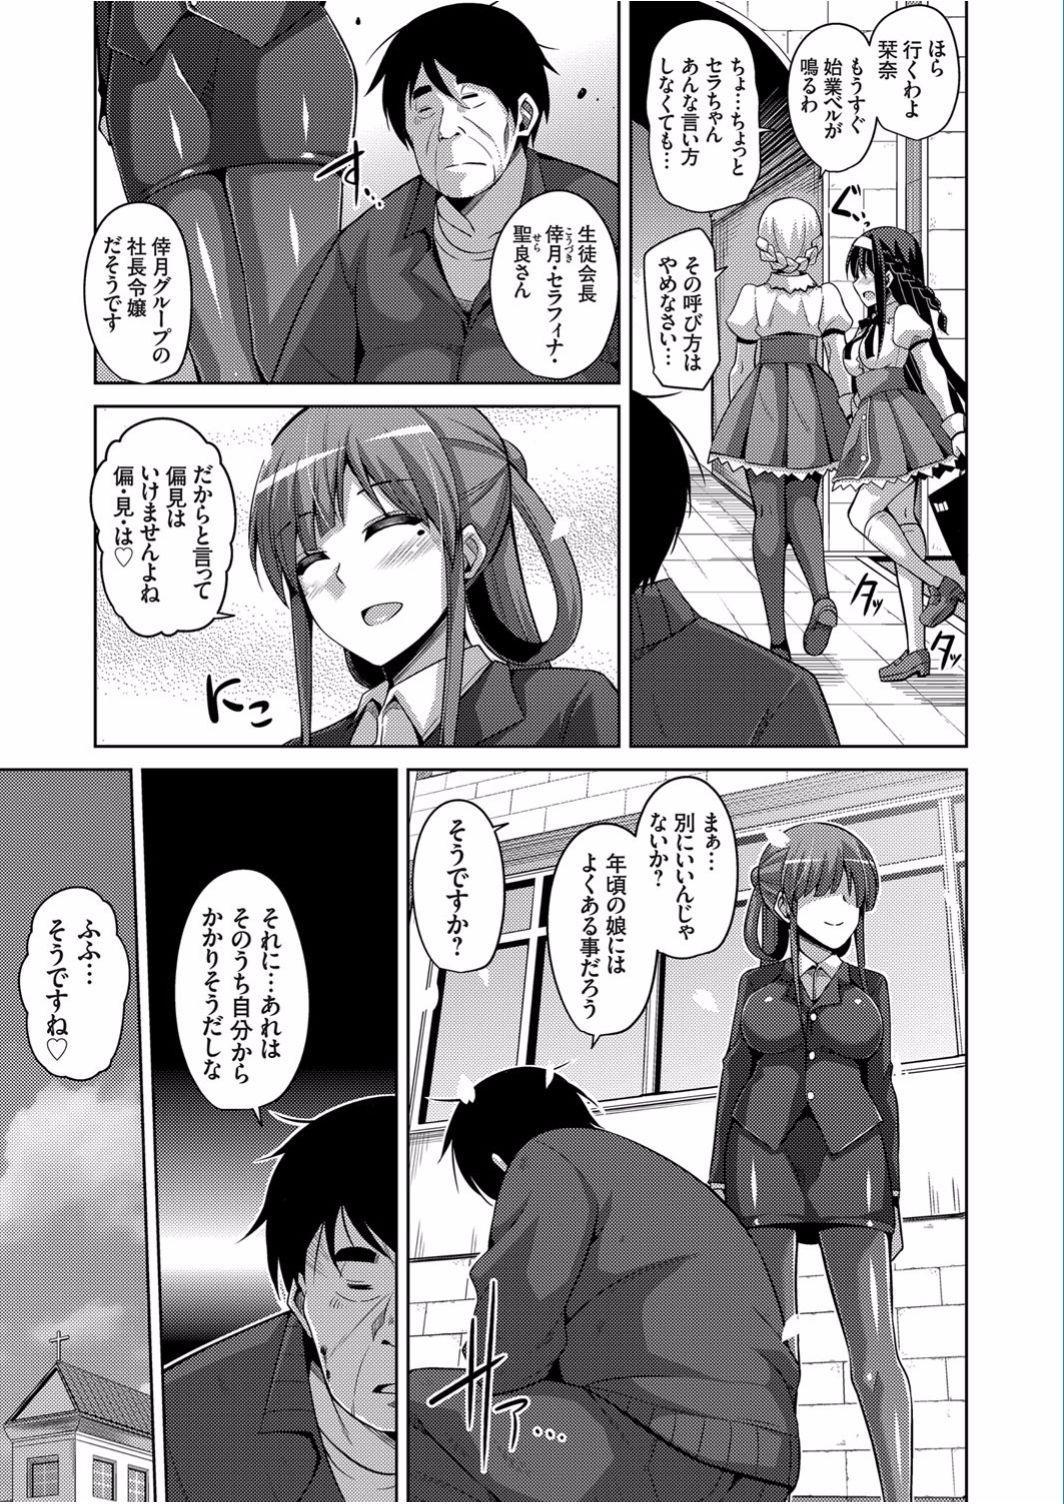 Hanazono no Mesudorei Ch. 1-7 6